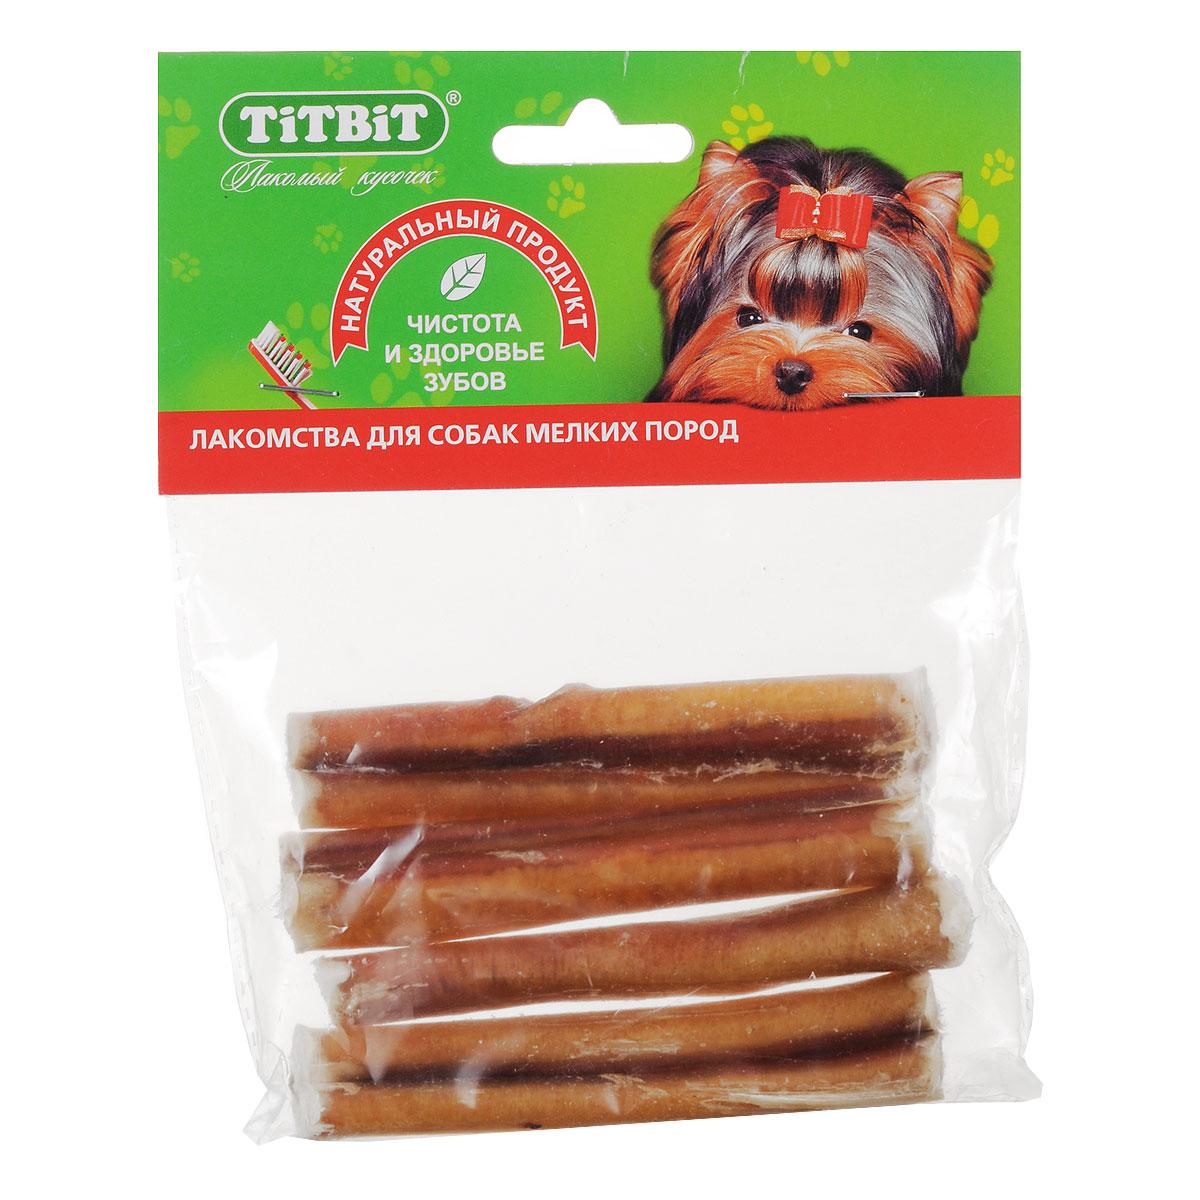 Лакомство для собак мелких пород Titbit, корень бычий резанный, 4 шт1846В одной упаковке Titbit содержатся 4 высушенных резаных бычьих корня длиной около 10 см. Большое содержание аминокислот и микроэлементов оказывает положительное воздействие на общий обмен веществ собаки. Особенно любимое лакомство у собак всех пород и возрастов. Неповторимый вкус этого лакомства надолго отвлечет вашего питомца от любых дел. Рекомендации к применению: для удаления зубного налета, профилактики зубного камня. Способствуют укреплению десен и жевательных мышц. Развивают зубочелюстной аппарат, отвлекают собаку во время смены зубов. Для собак всех пород с 1,5 - 2 месяцев. Состав: высушенный бычий пенис. Количество в упаковке: 4 шт. Средняя длина лакомства: 10 см. Товар сертифицирован.